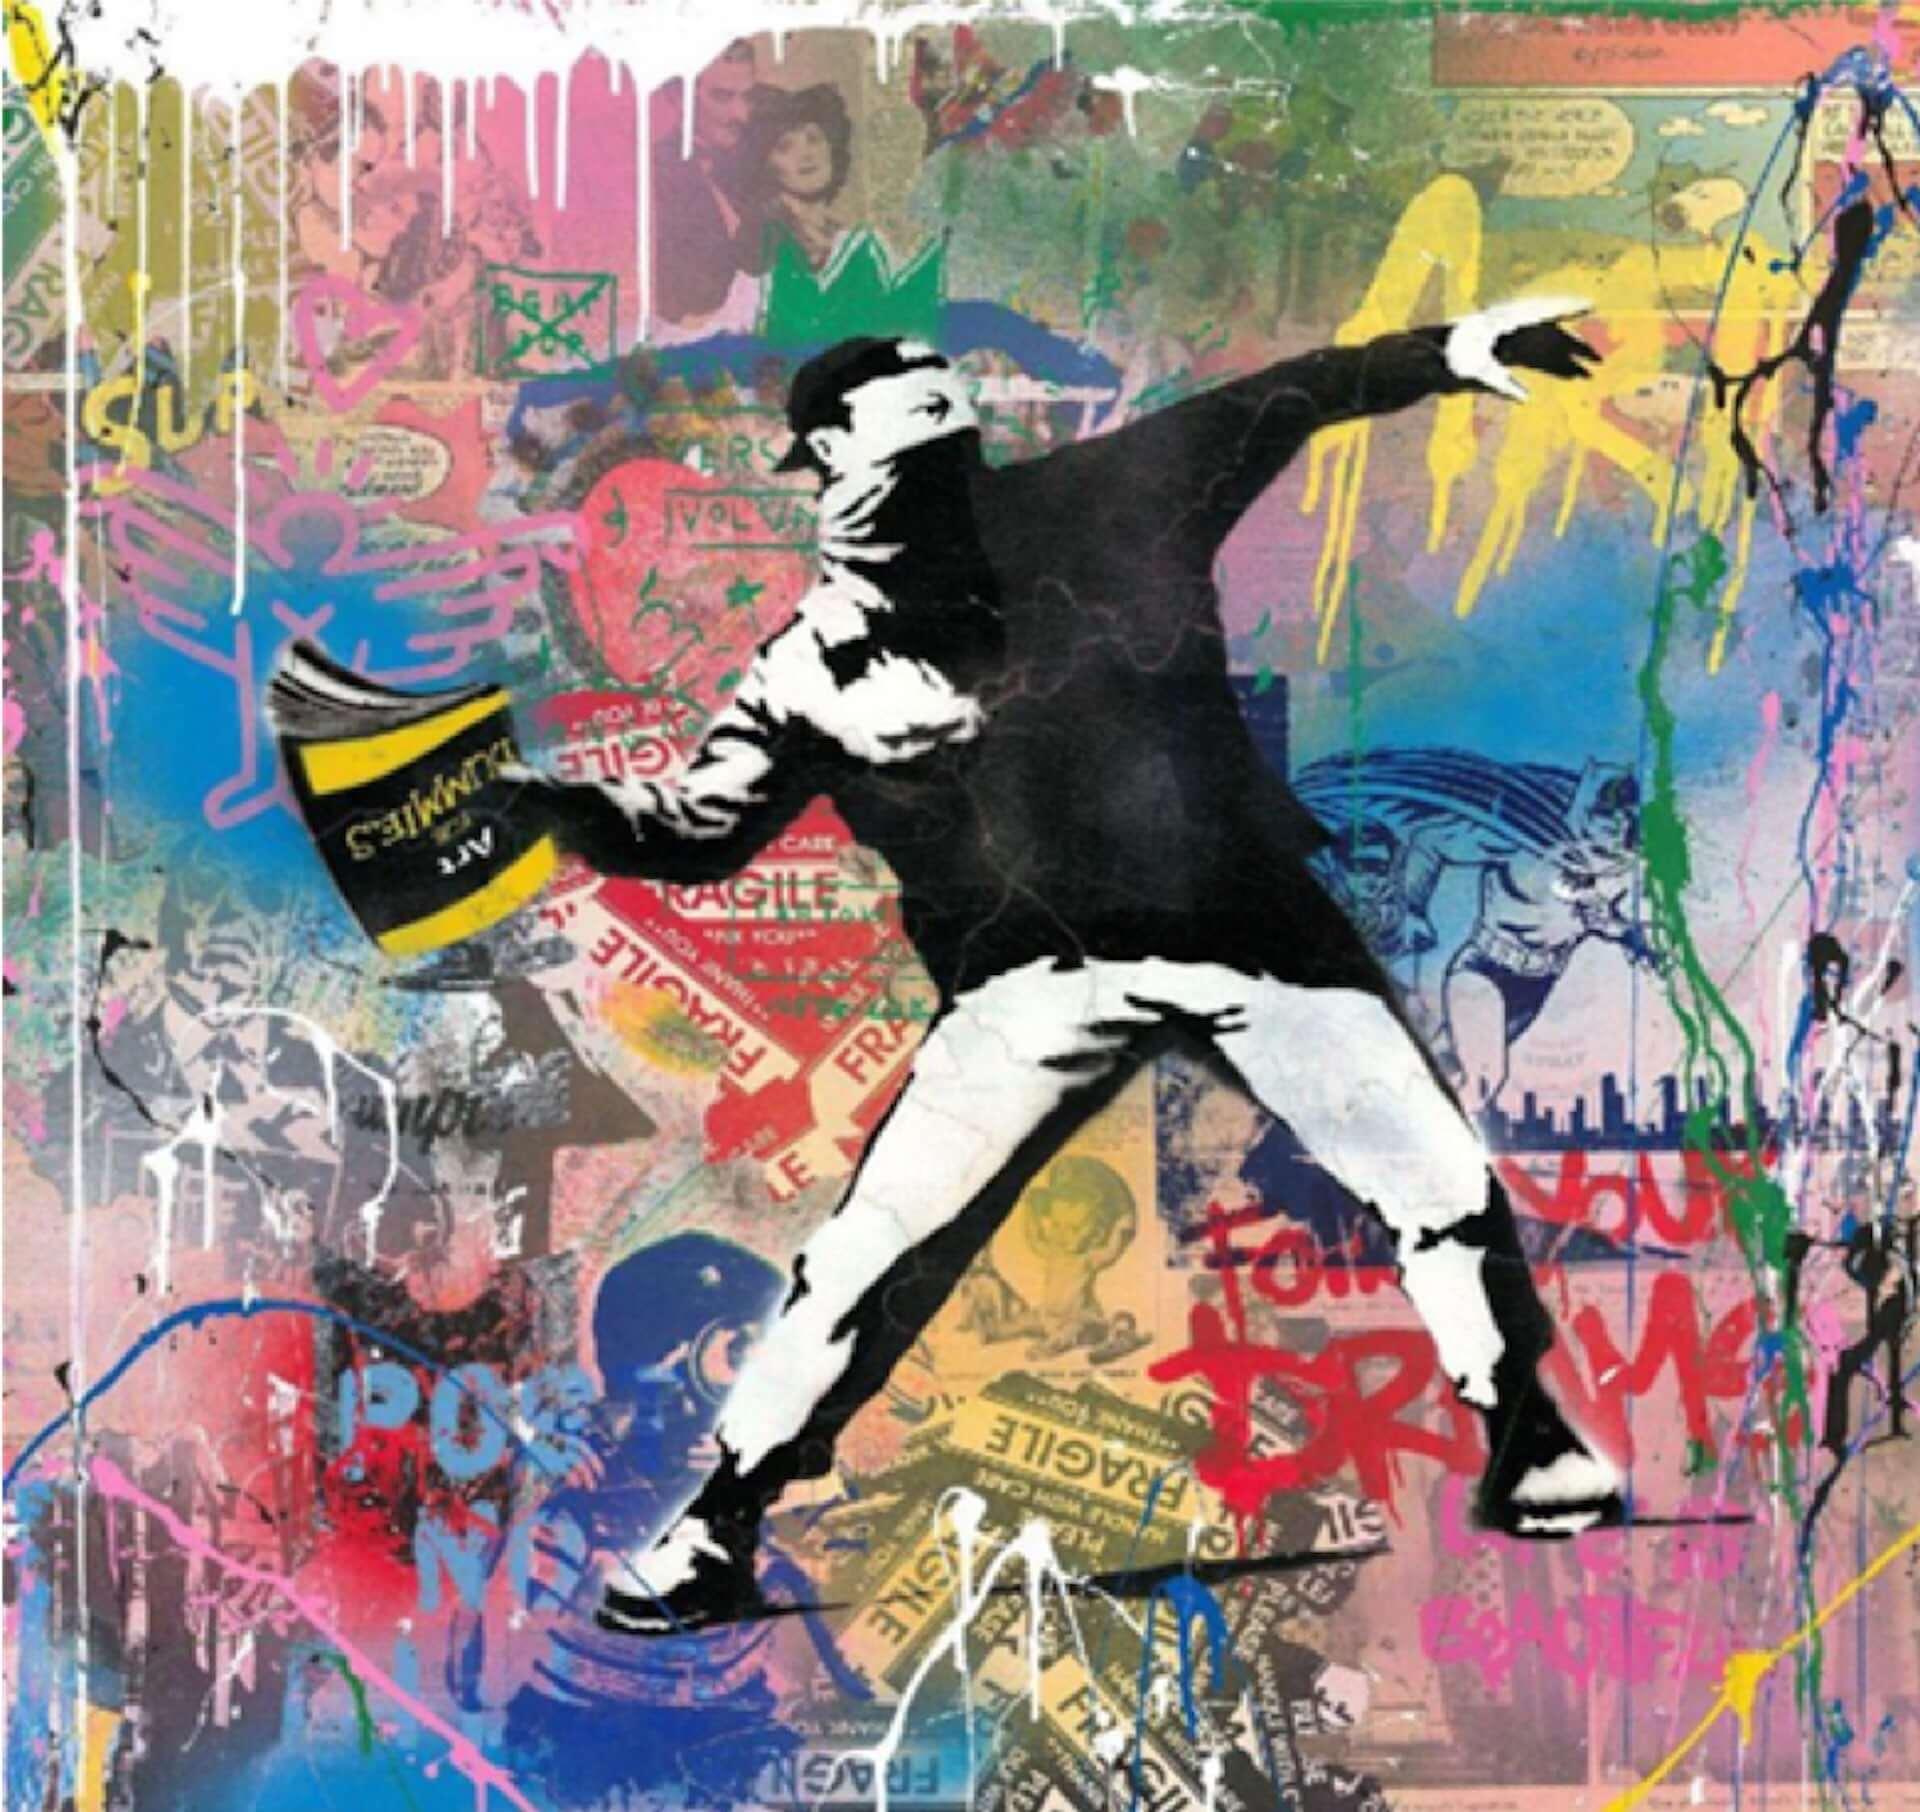 バンクシー映画を機にアーティストになったミスター・ブレインウォッシュの大型個展<LIFE IS BEAUTIFUL>が渋谷PARCOにて開催決定! art210216_mr-brainwash_3-1920x1812